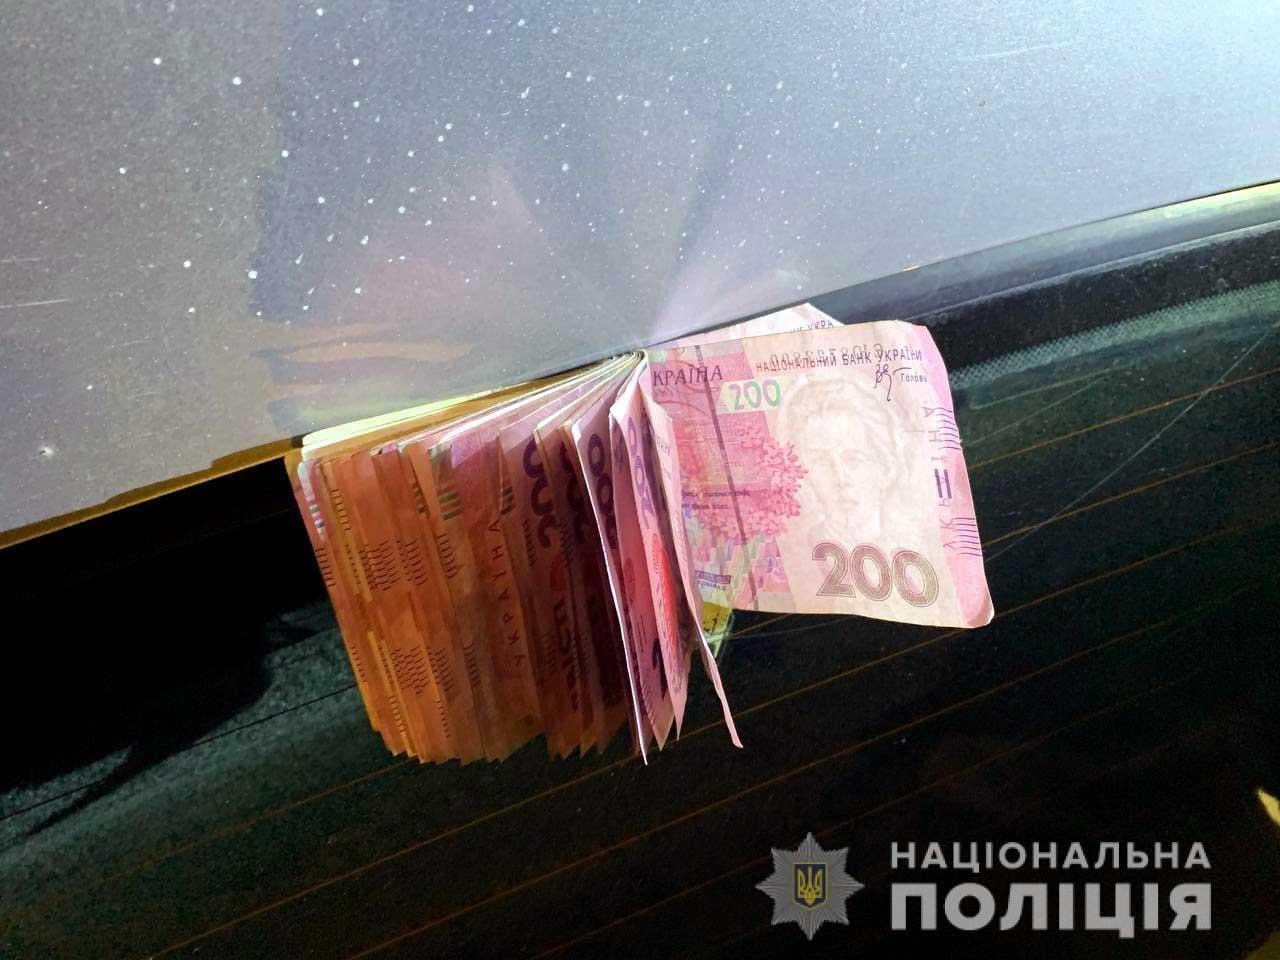 Житель Донеччини на Рівненщині ошукав двох місцевих жителів на кілька тисяч гривень, фото-1